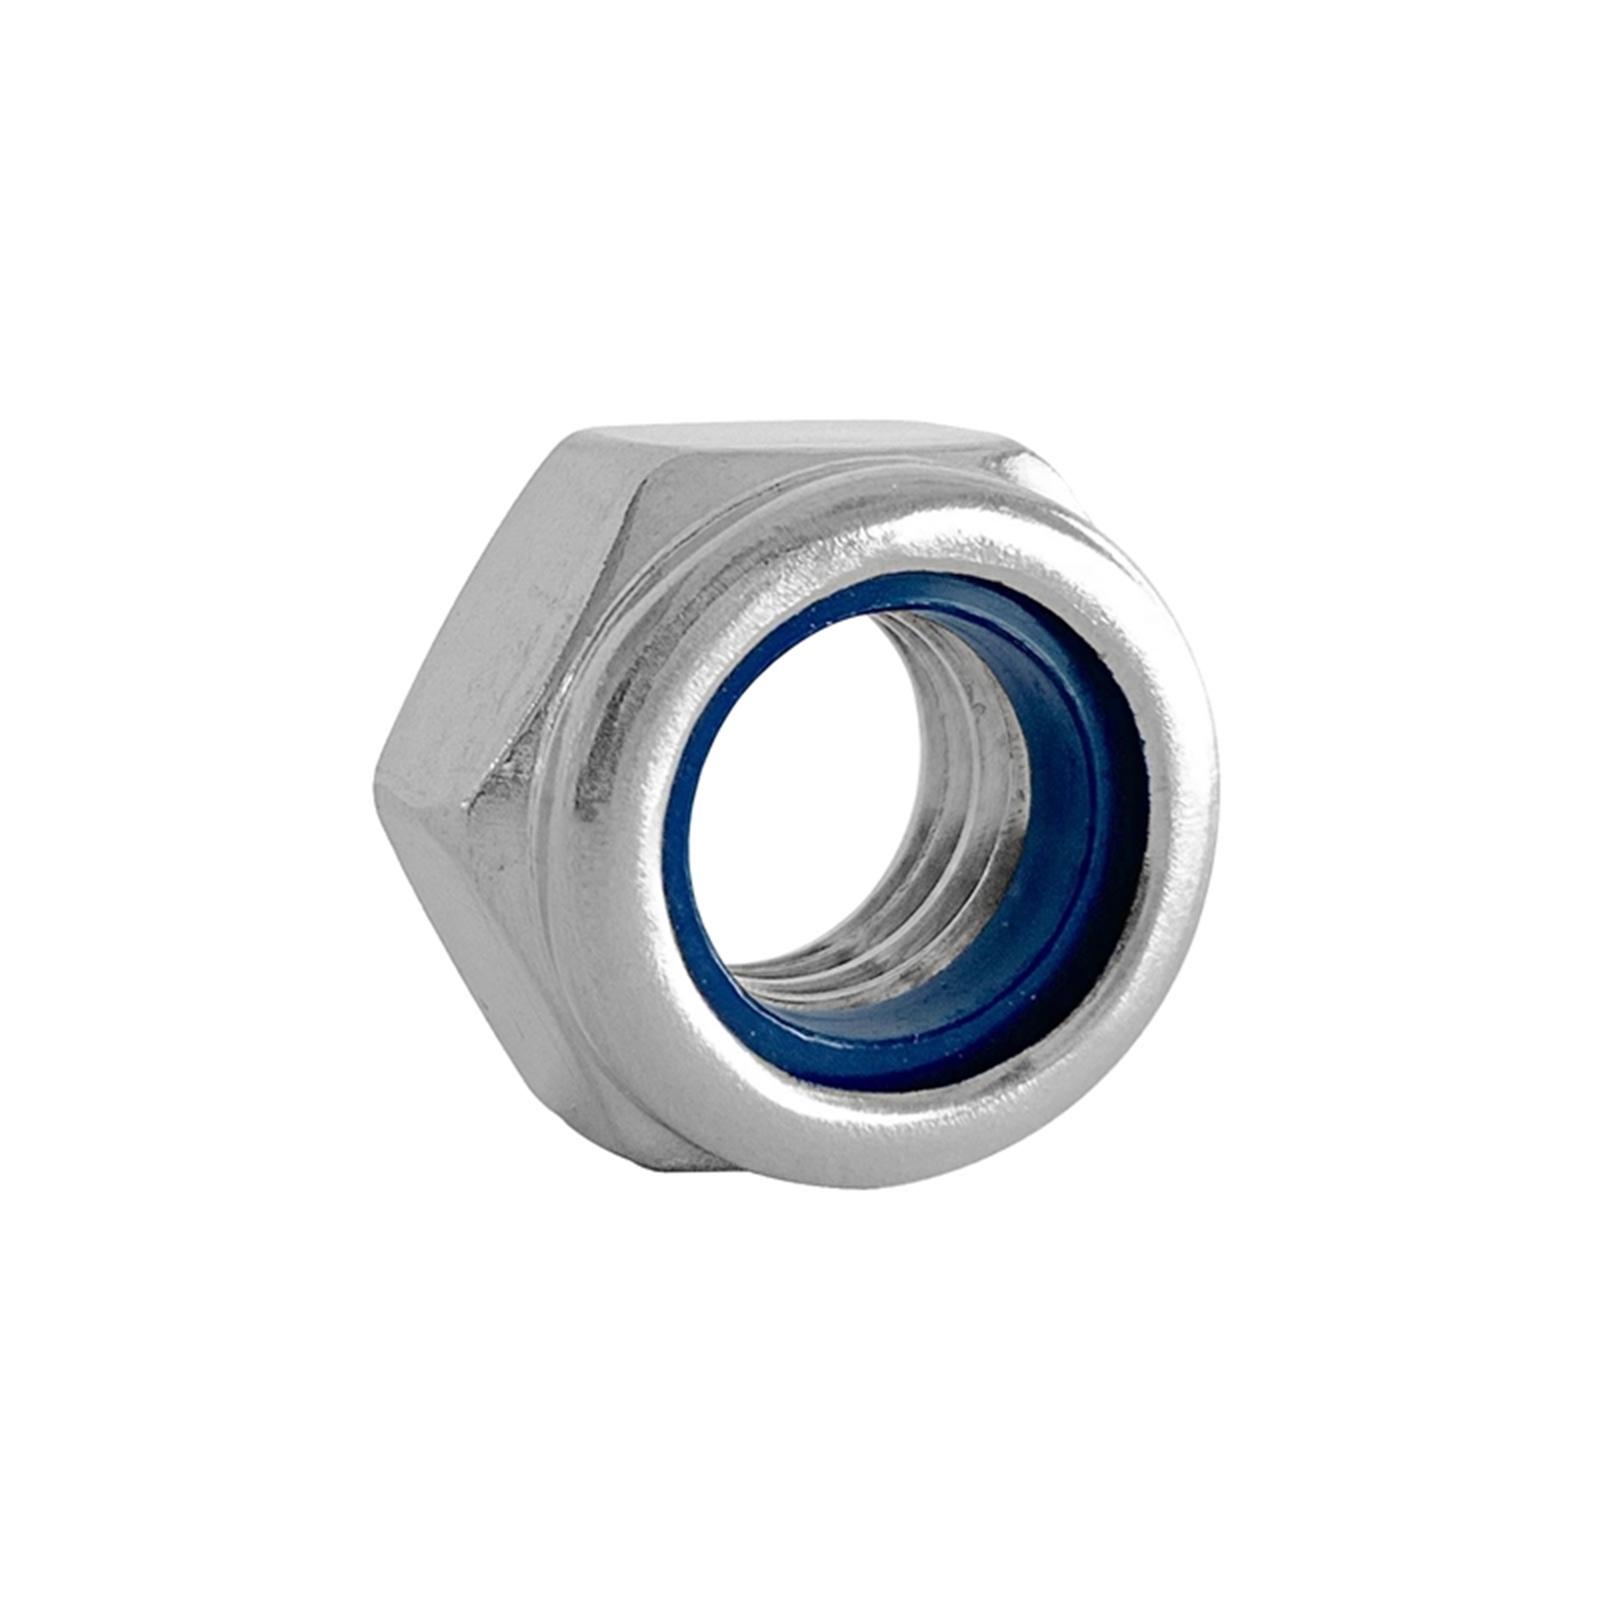 Pinnacle M4 Stainless Steel Nylon Lock Nut - 10 Pack